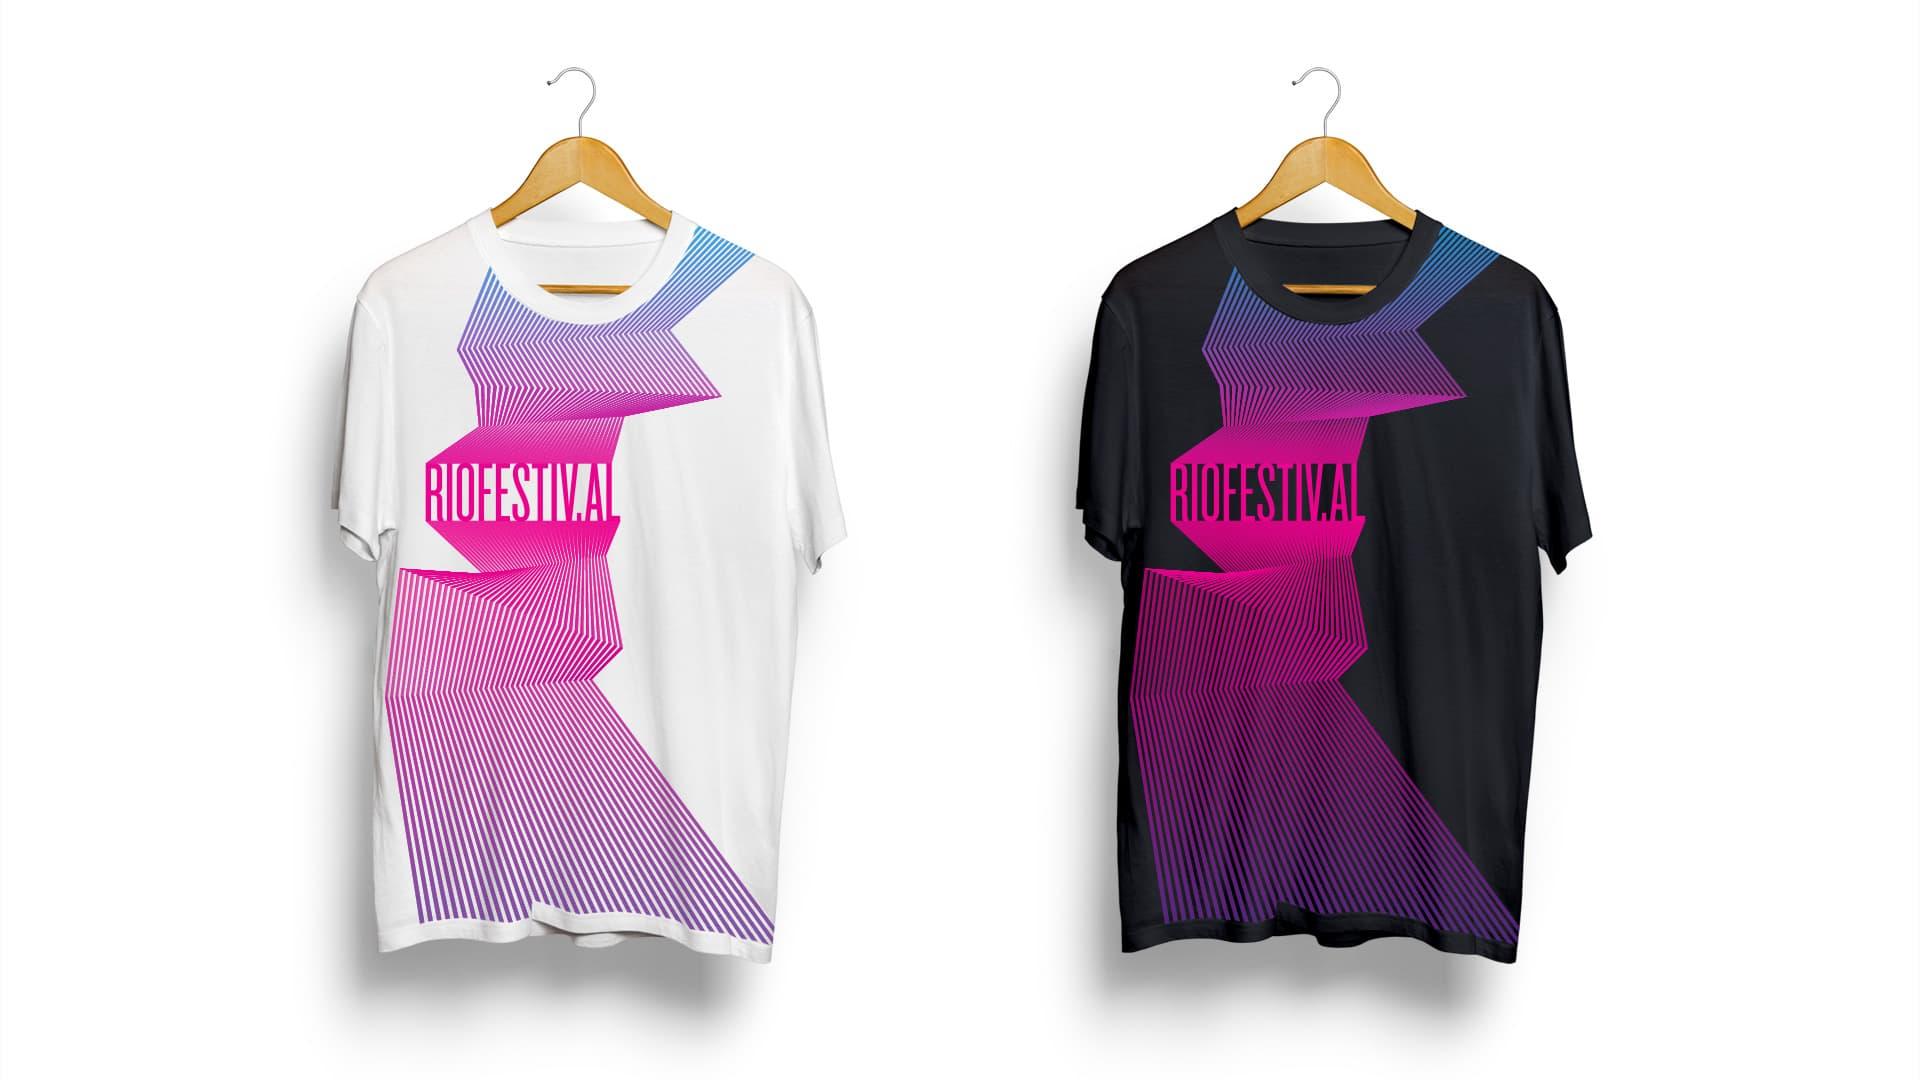 camiseta-rcdf-1920x1080px